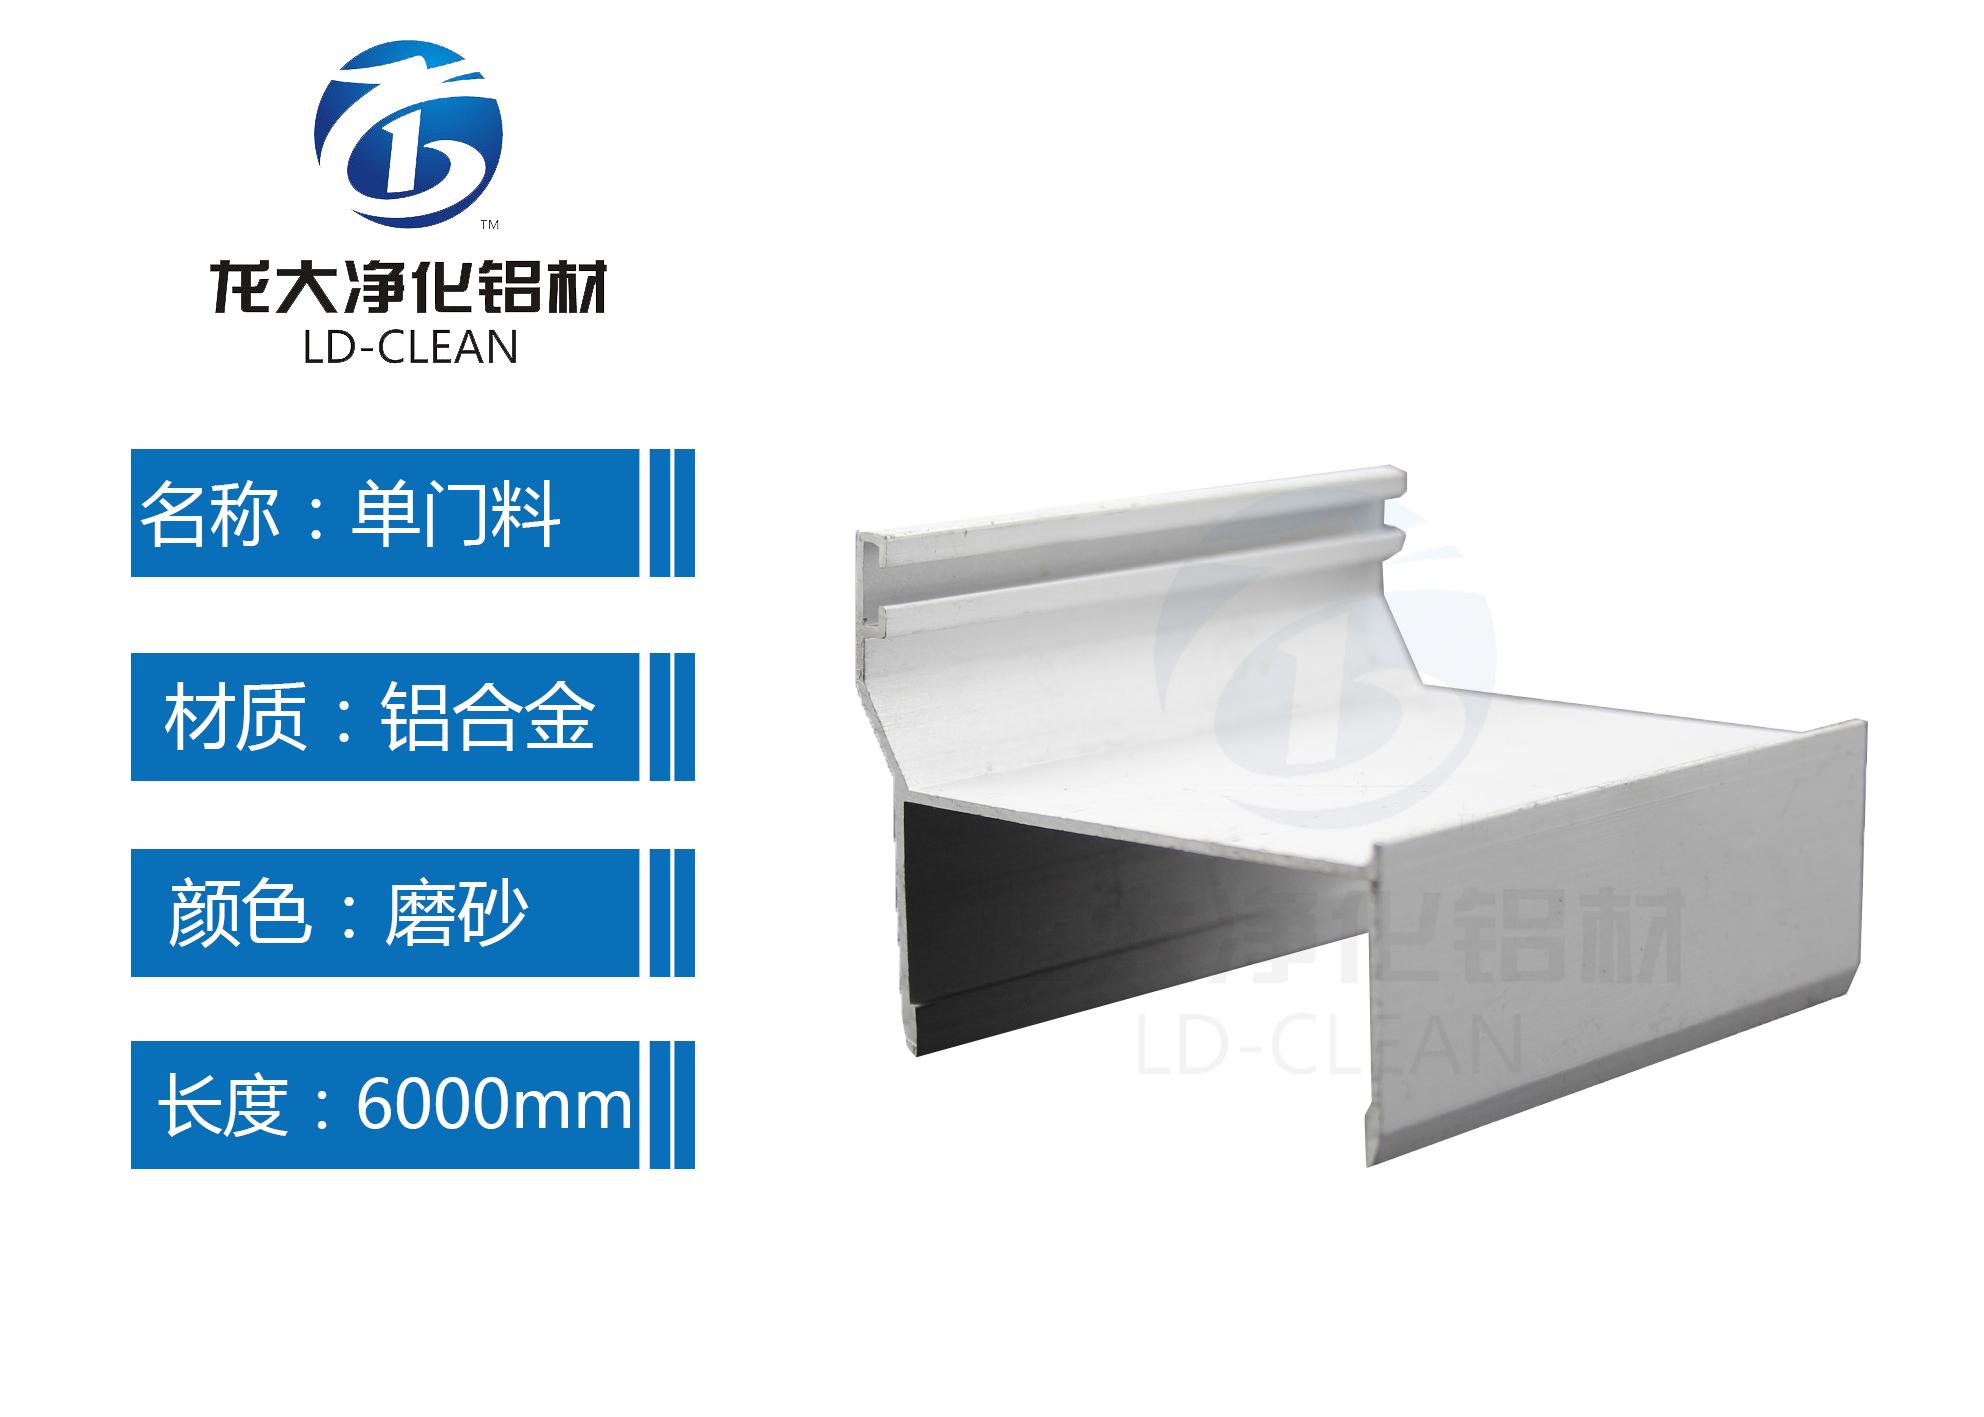 龙大净化铝材单门料